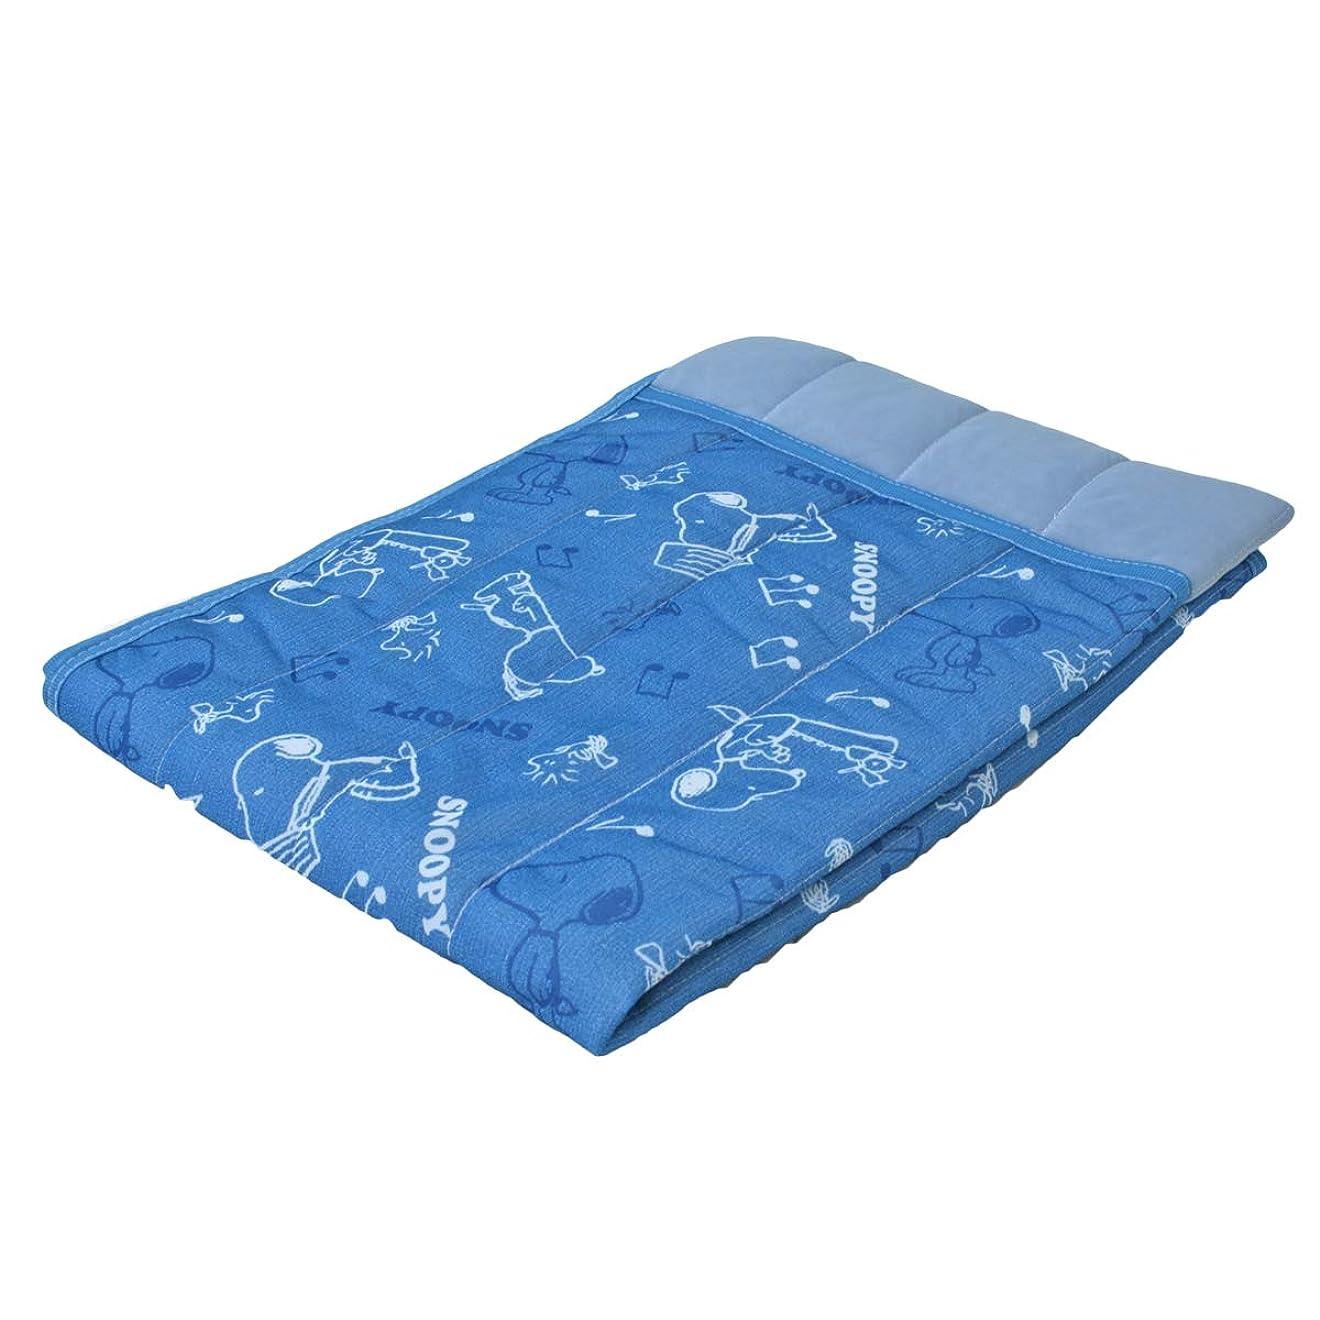 山岳解読するパズル冷感 キルトケット スヌーピー SNOOPY (ジュニアサイズ 100×140cm,ブルー)